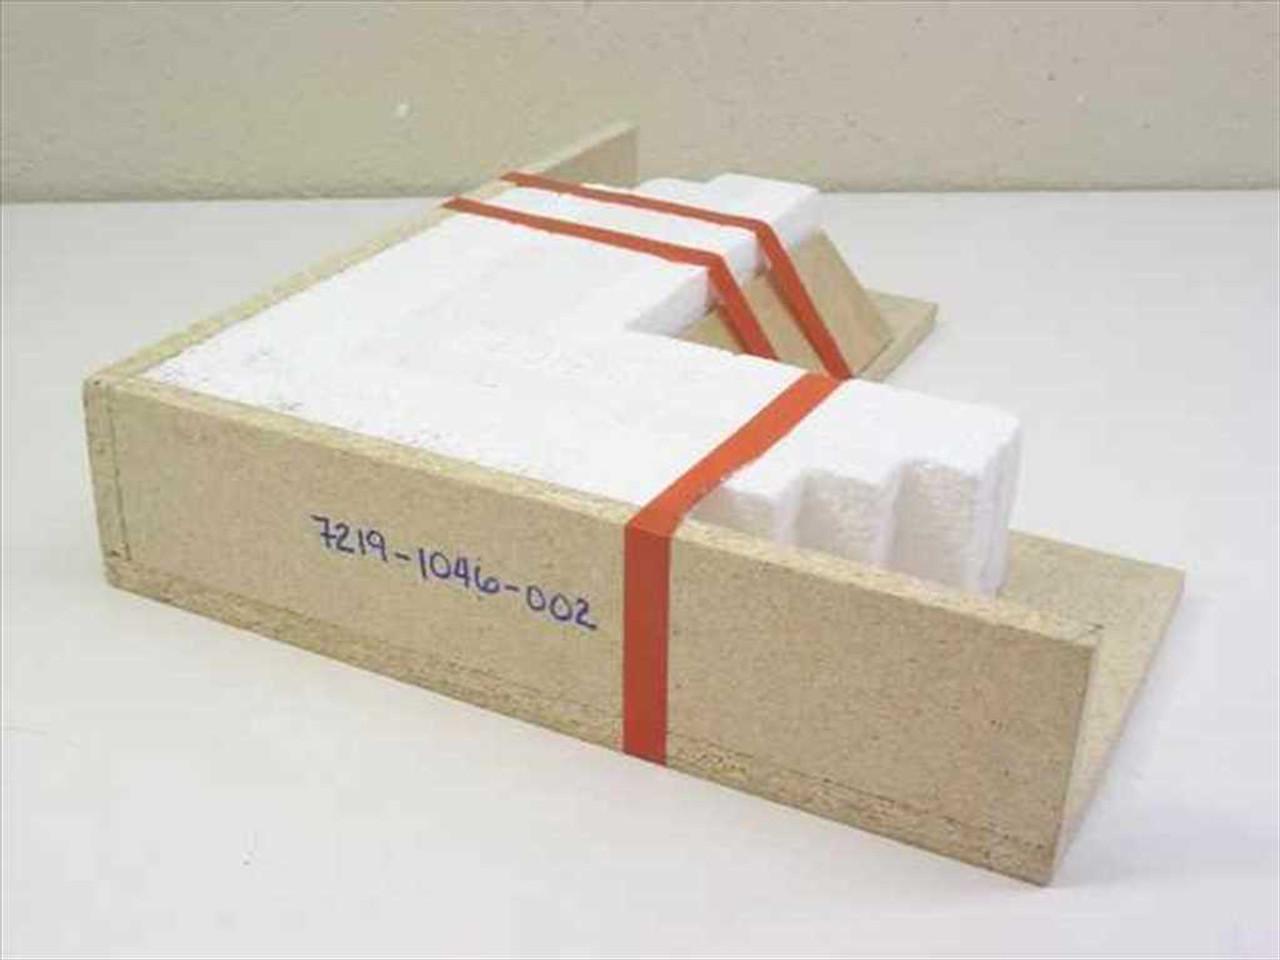 lindberg 7219 1046 002 model 51524 box furnace heating element. Black Bedroom Furniture Sets. Home Design Ideas